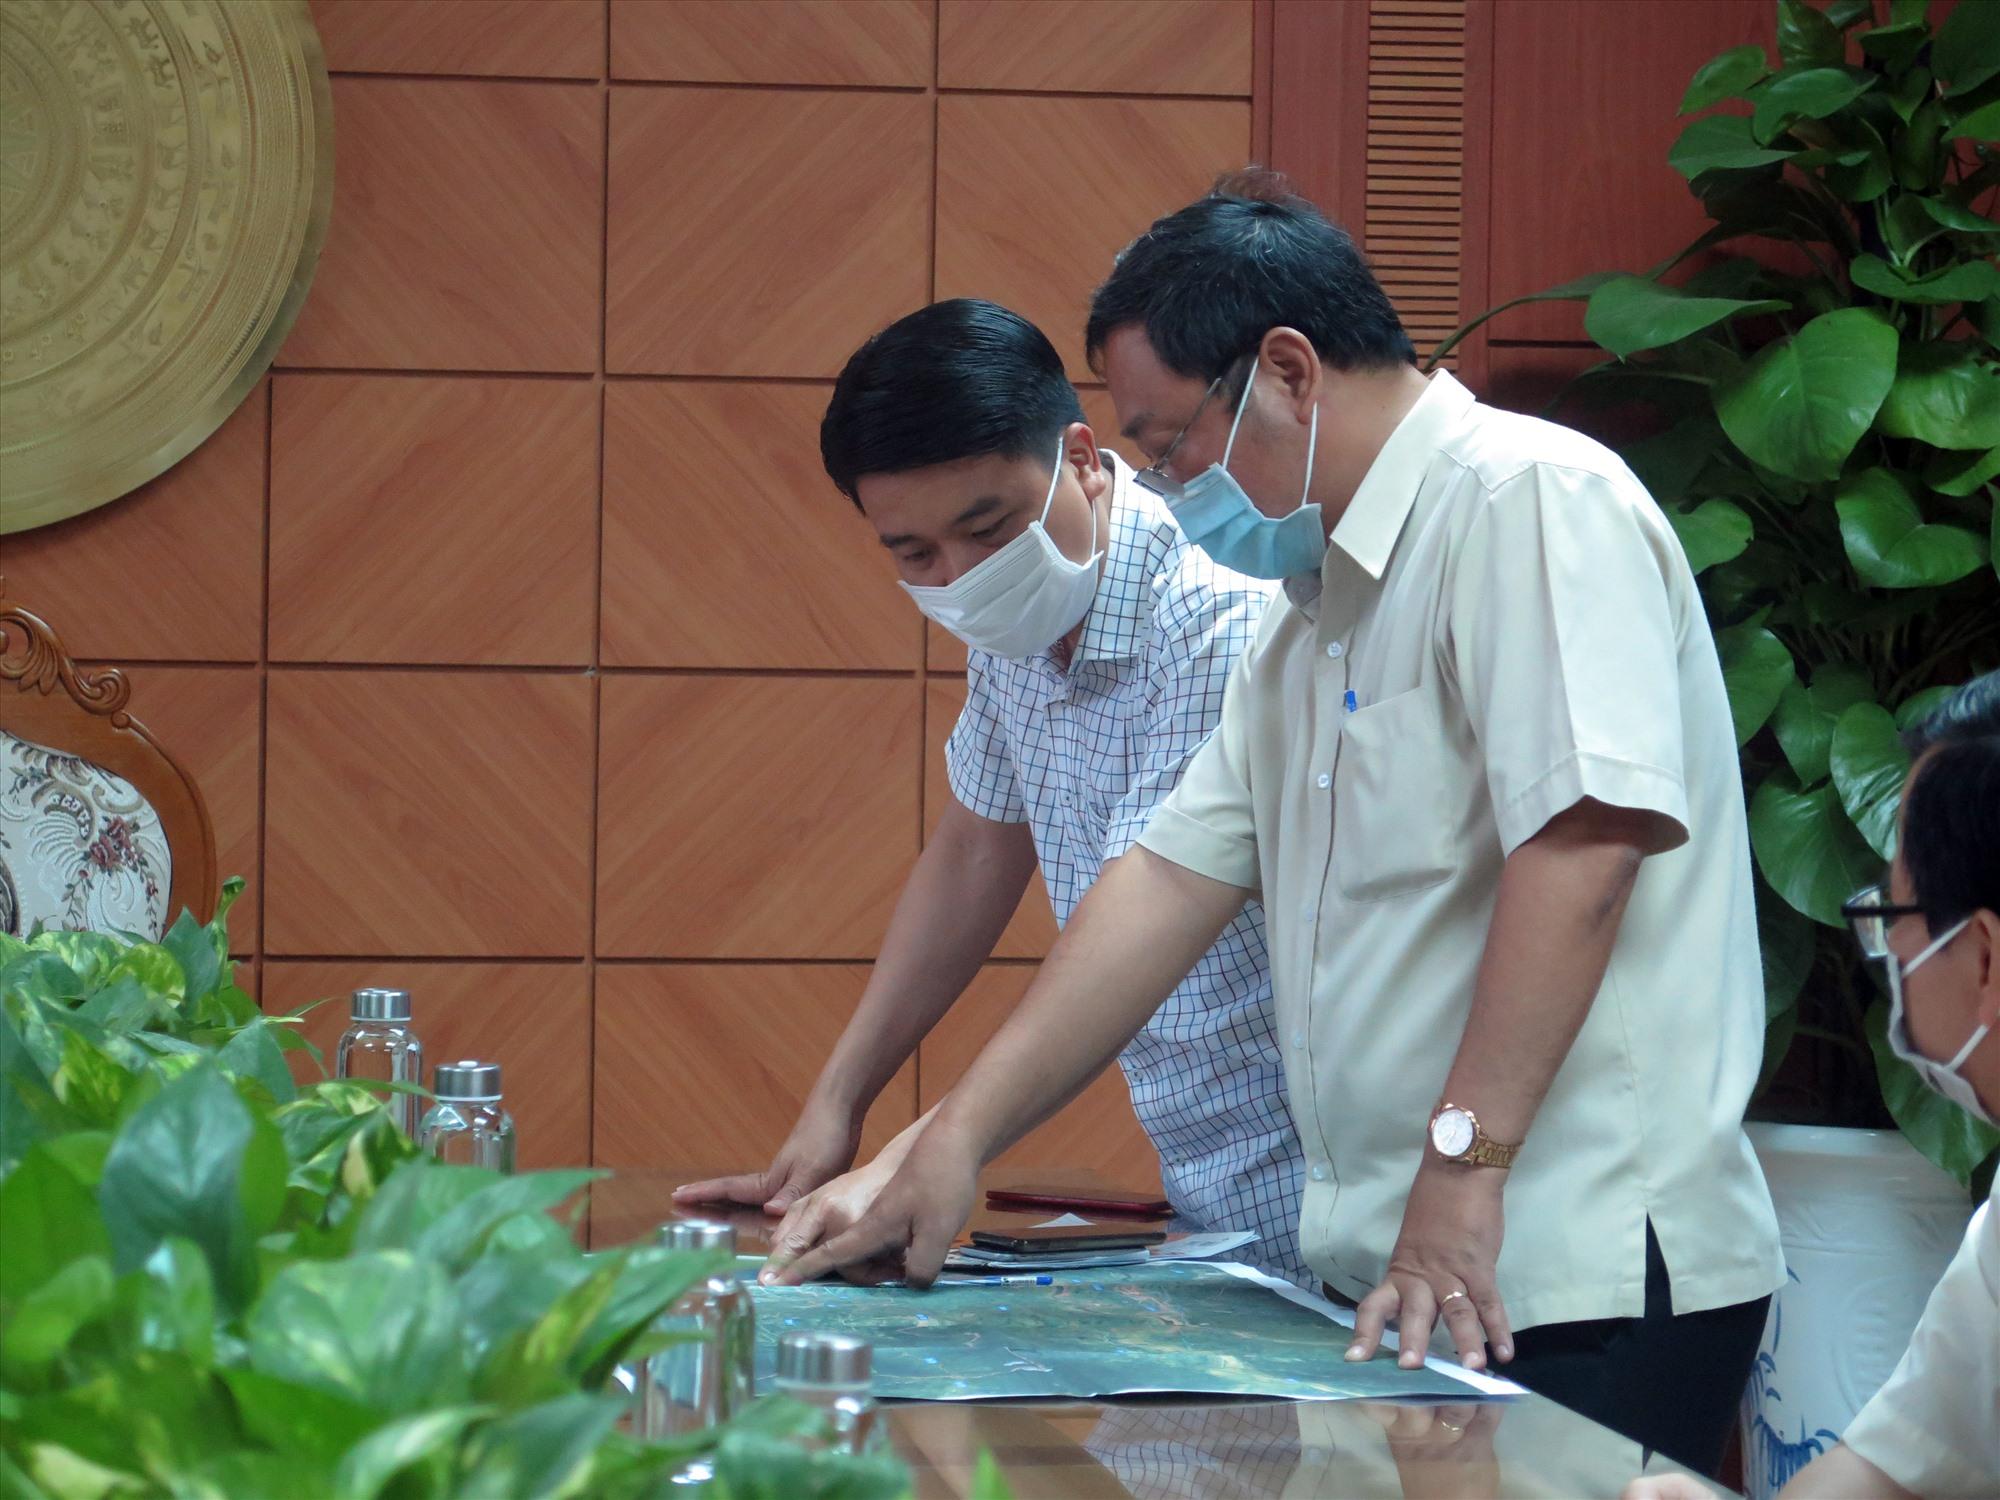 Phó Chủ tịch UBND tỉnh Trần Văn Tân xem bản đồ đặt các điểm chốt chặn. Ảnh: X.H